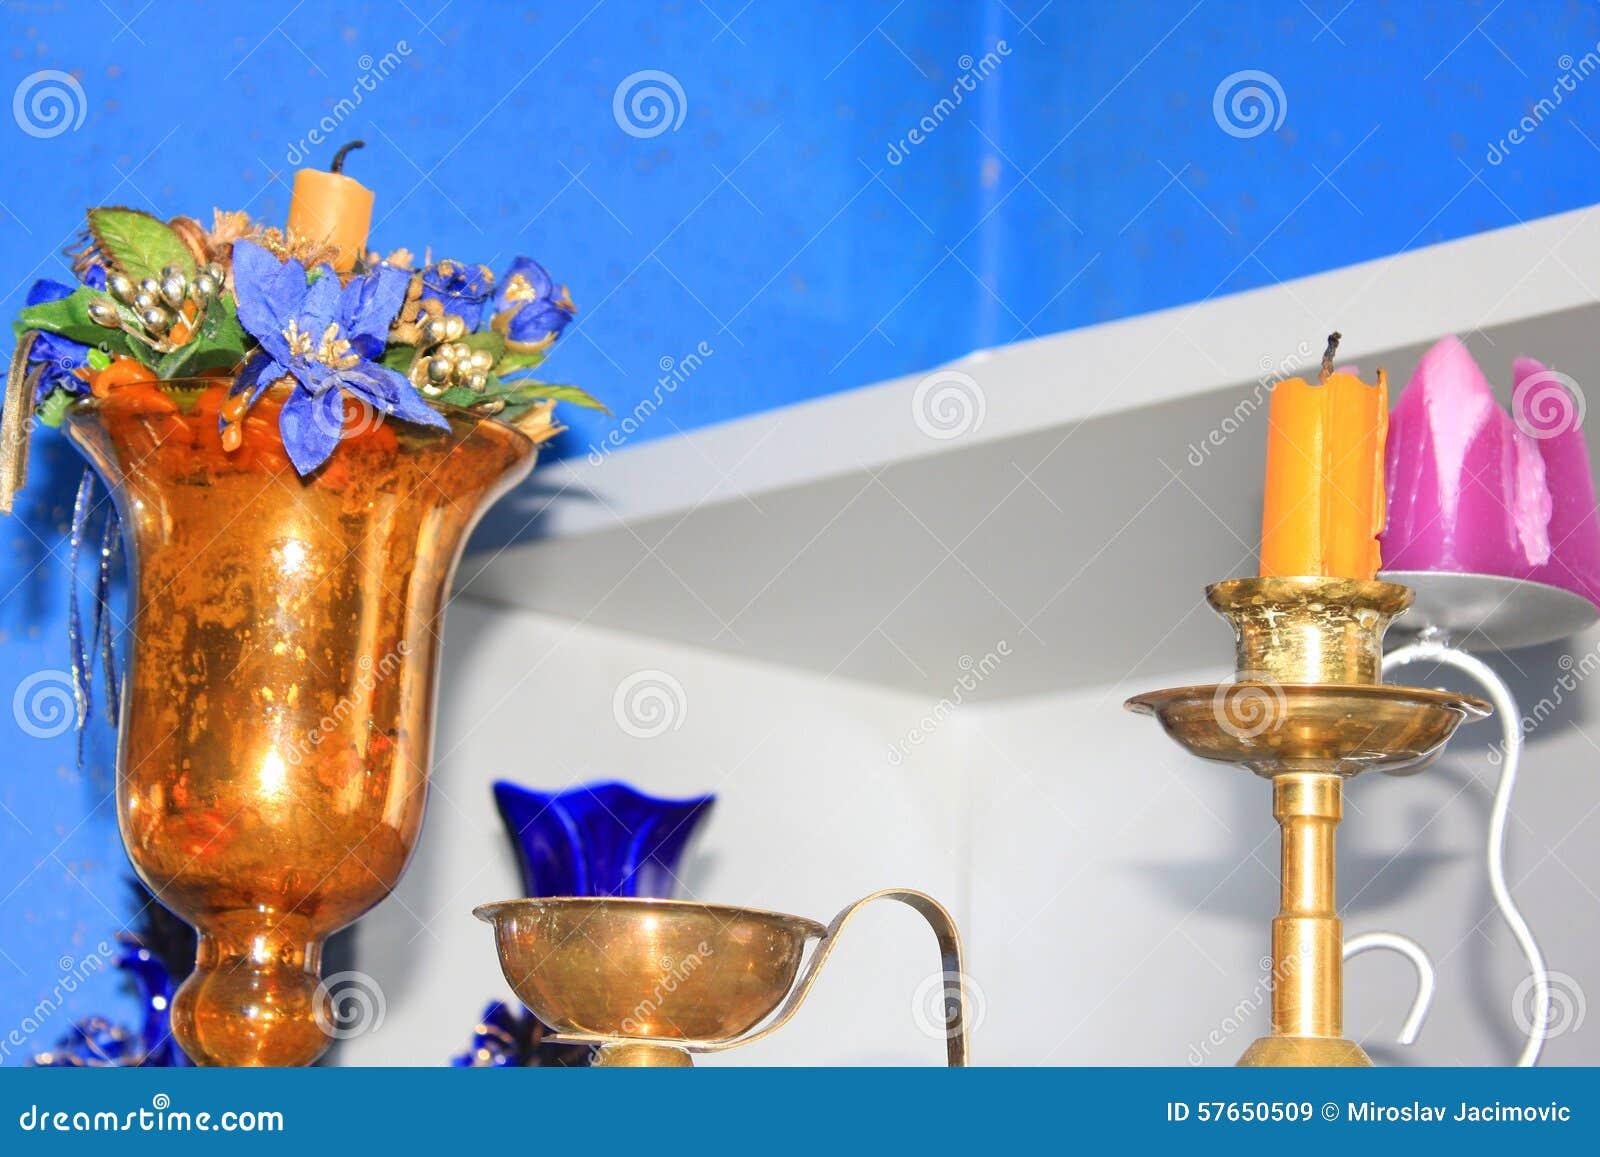 Świeczki dekoracja w kuchni